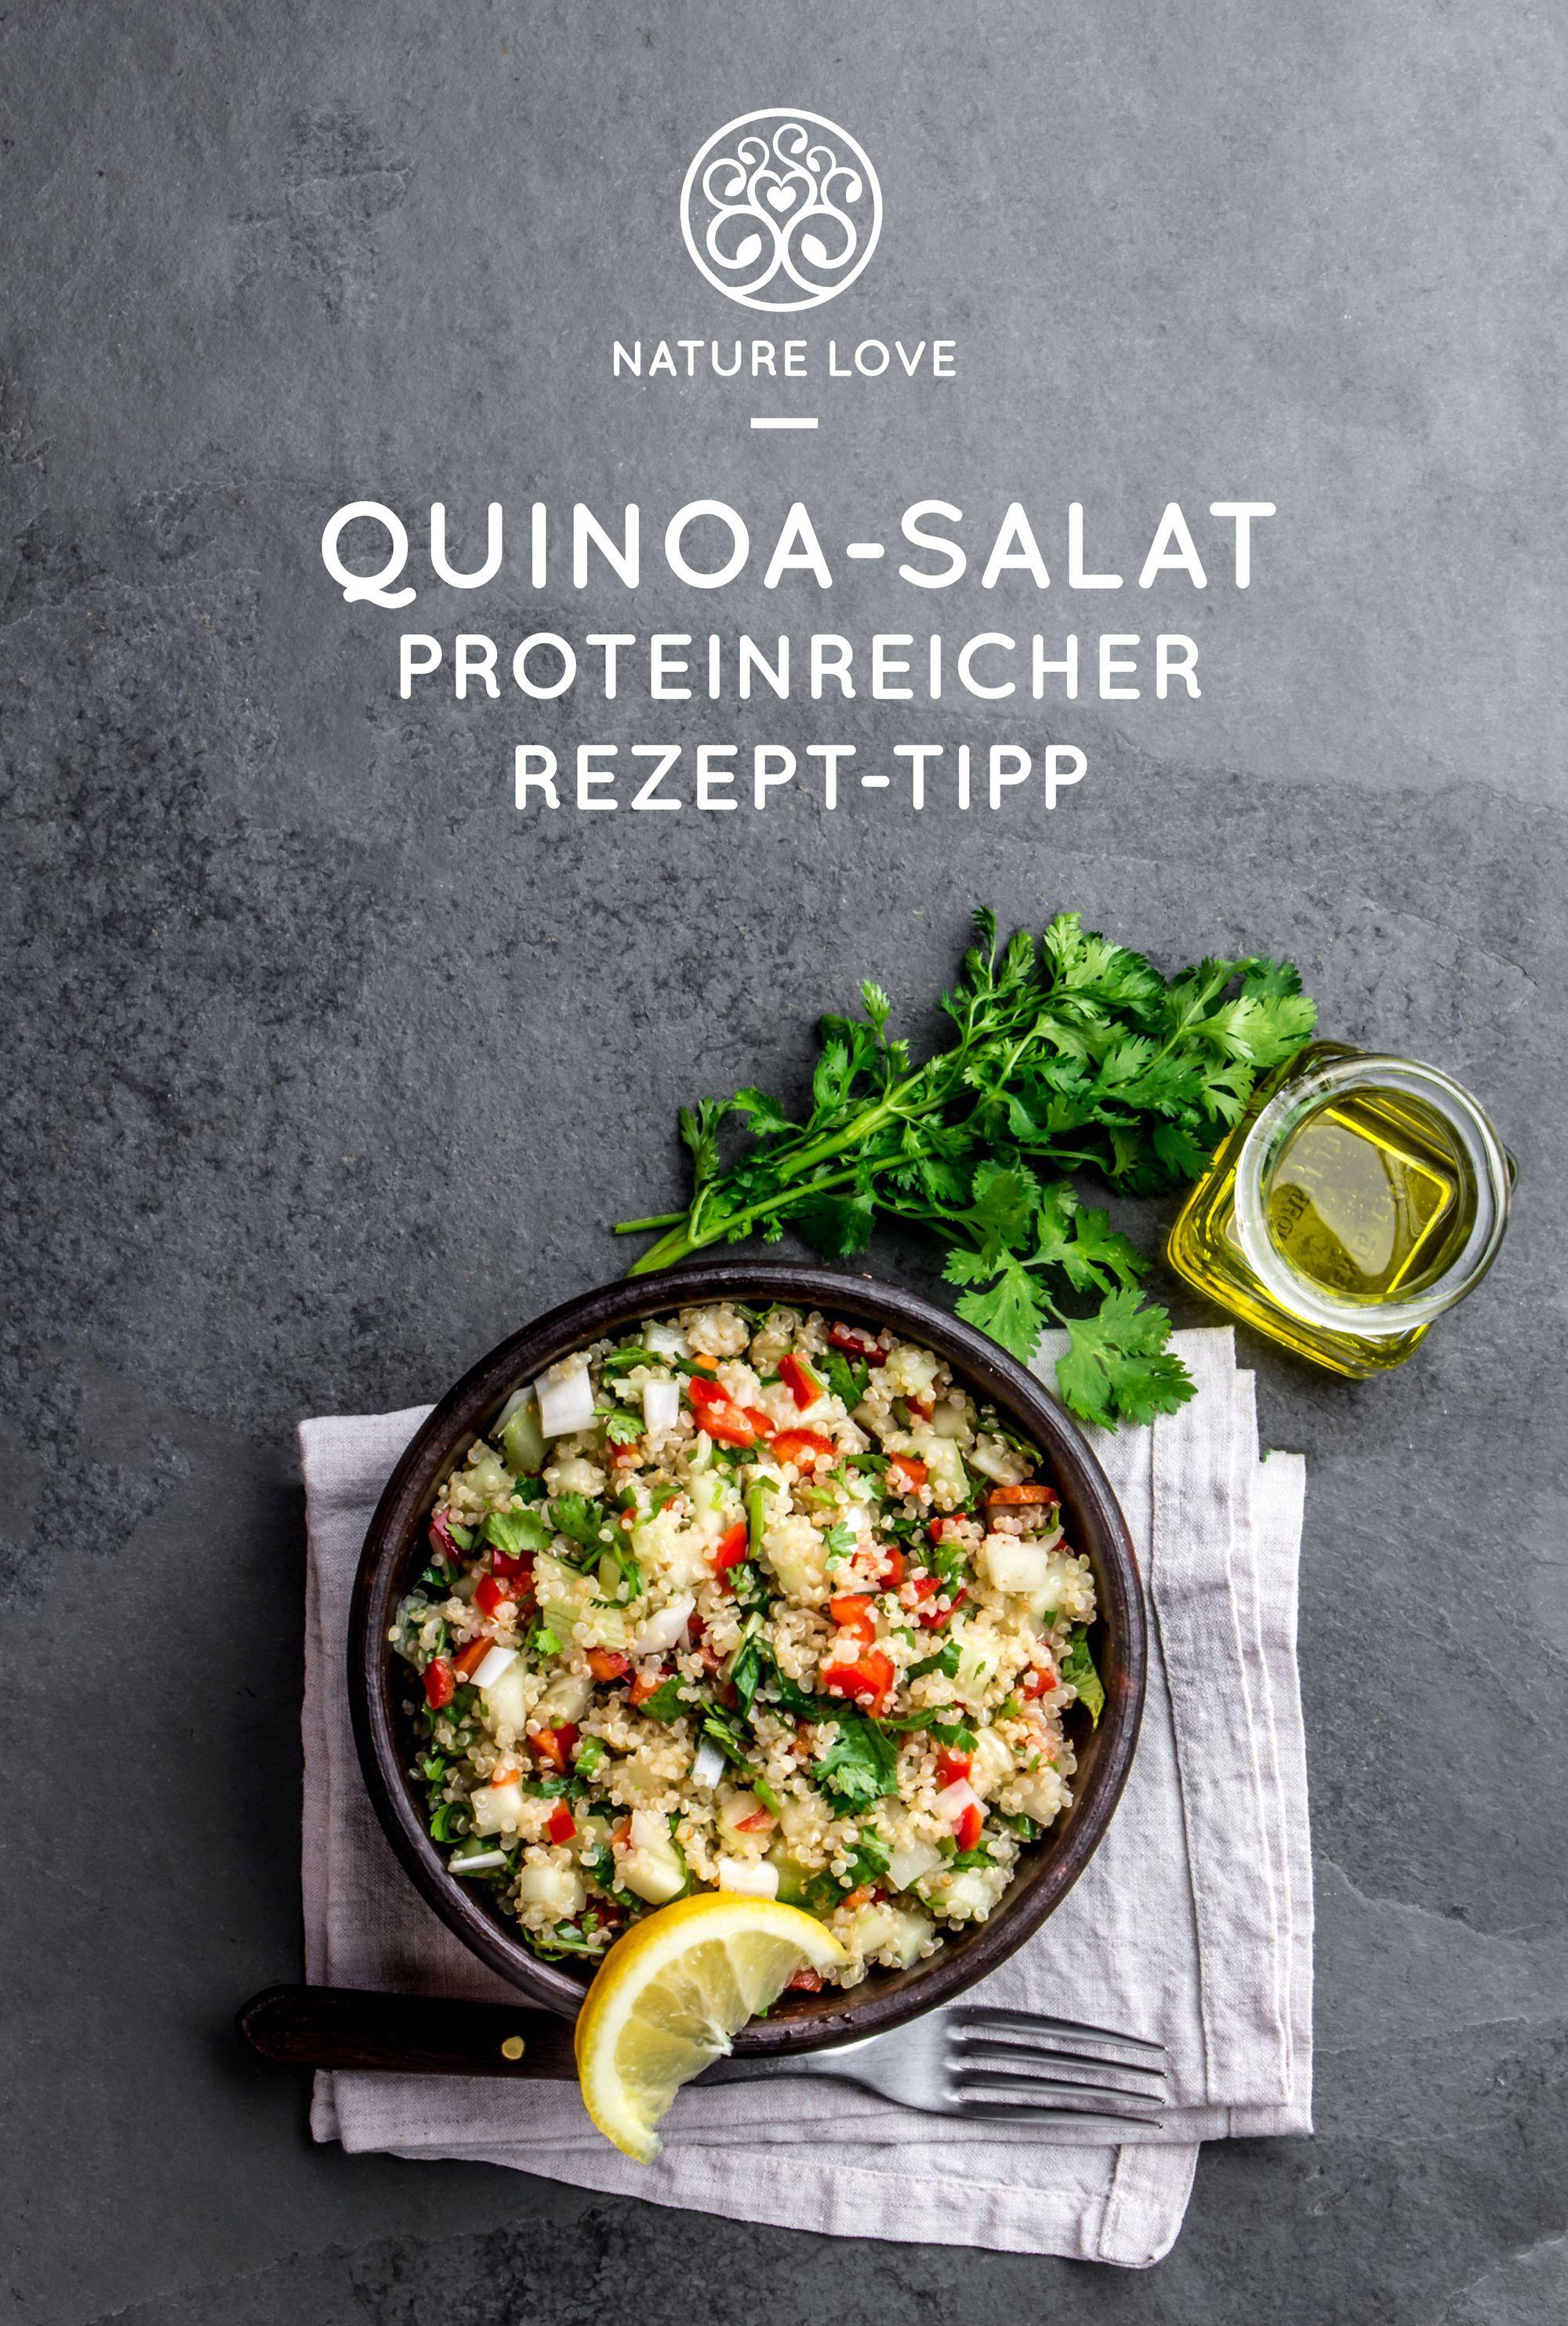 Proteinreicher Rezept-Tipp: Quinoa-Salat